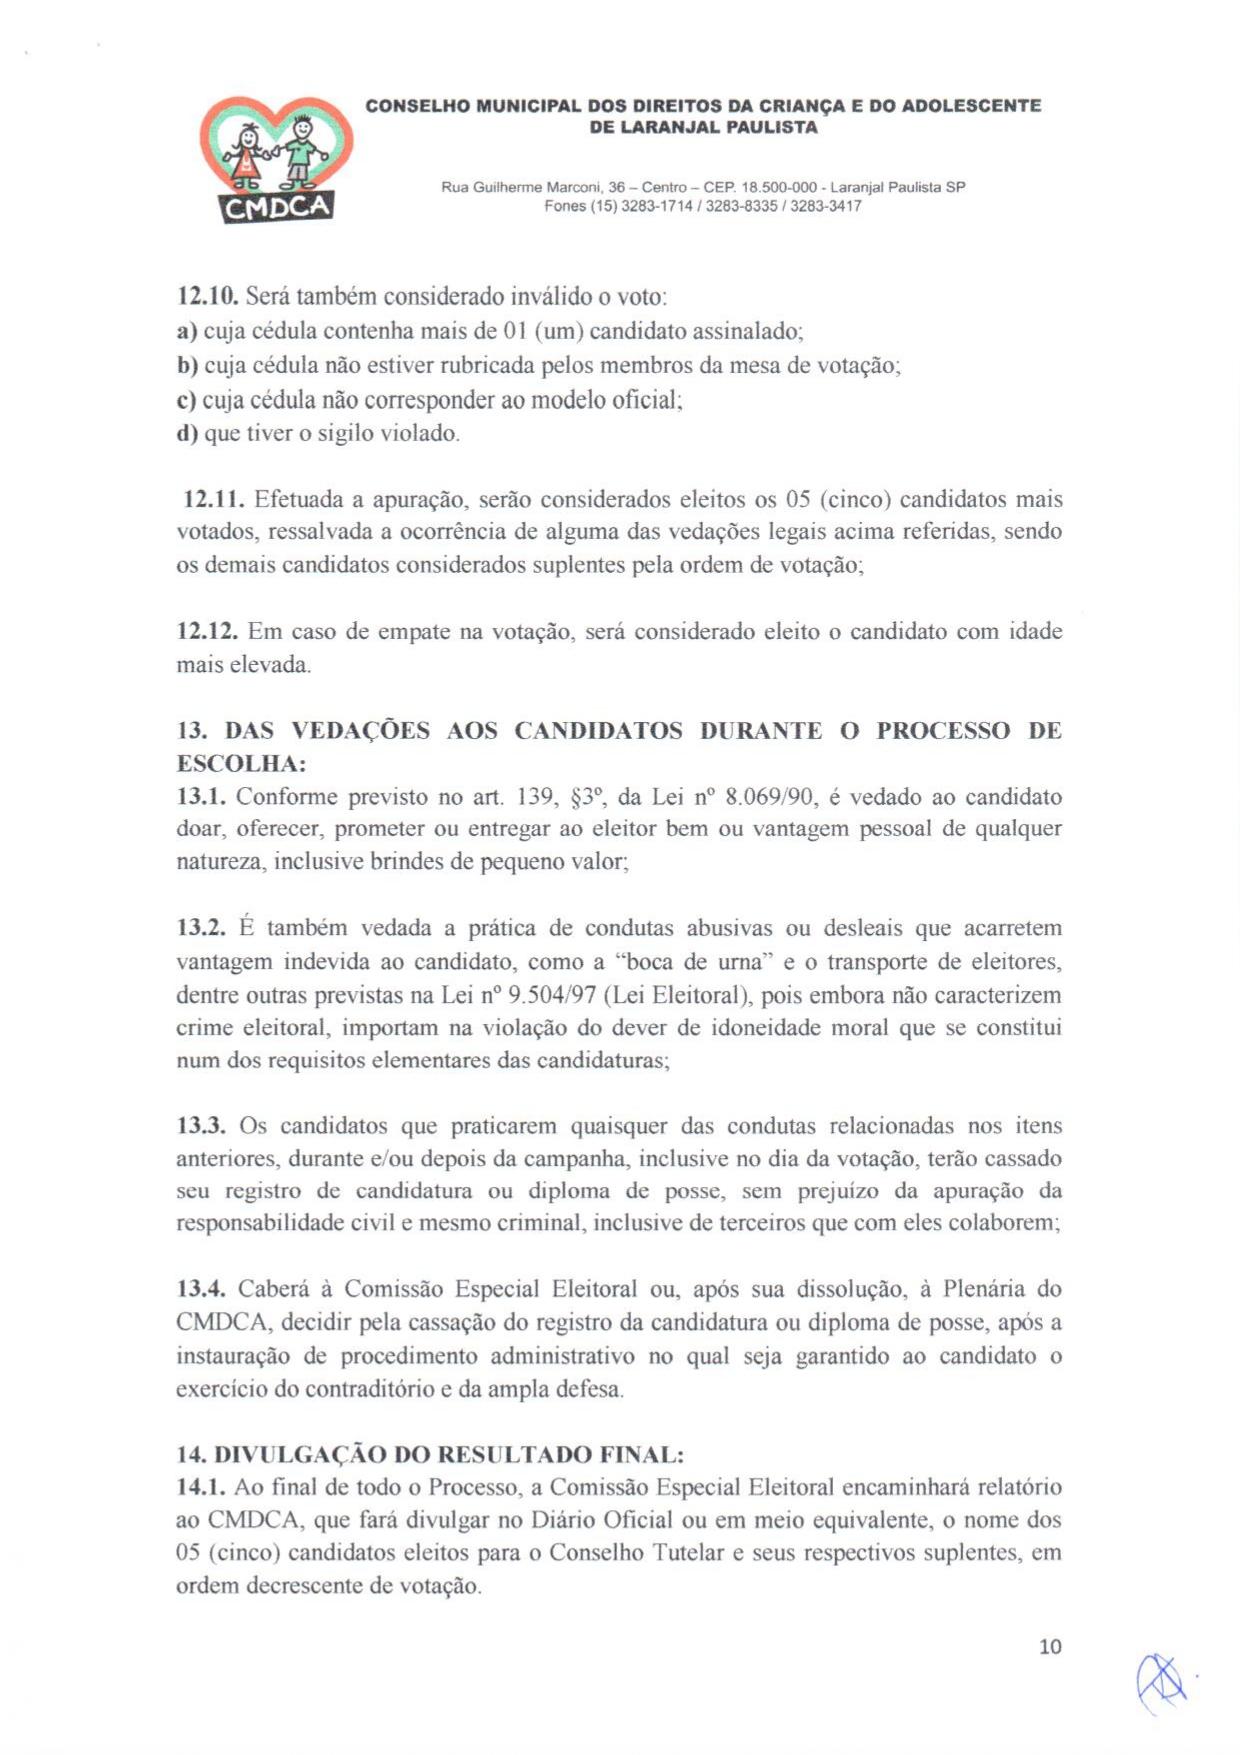 Eleições Unificadas para o Conselho Tutelar - Edital - CMDCA - nº 01/2019